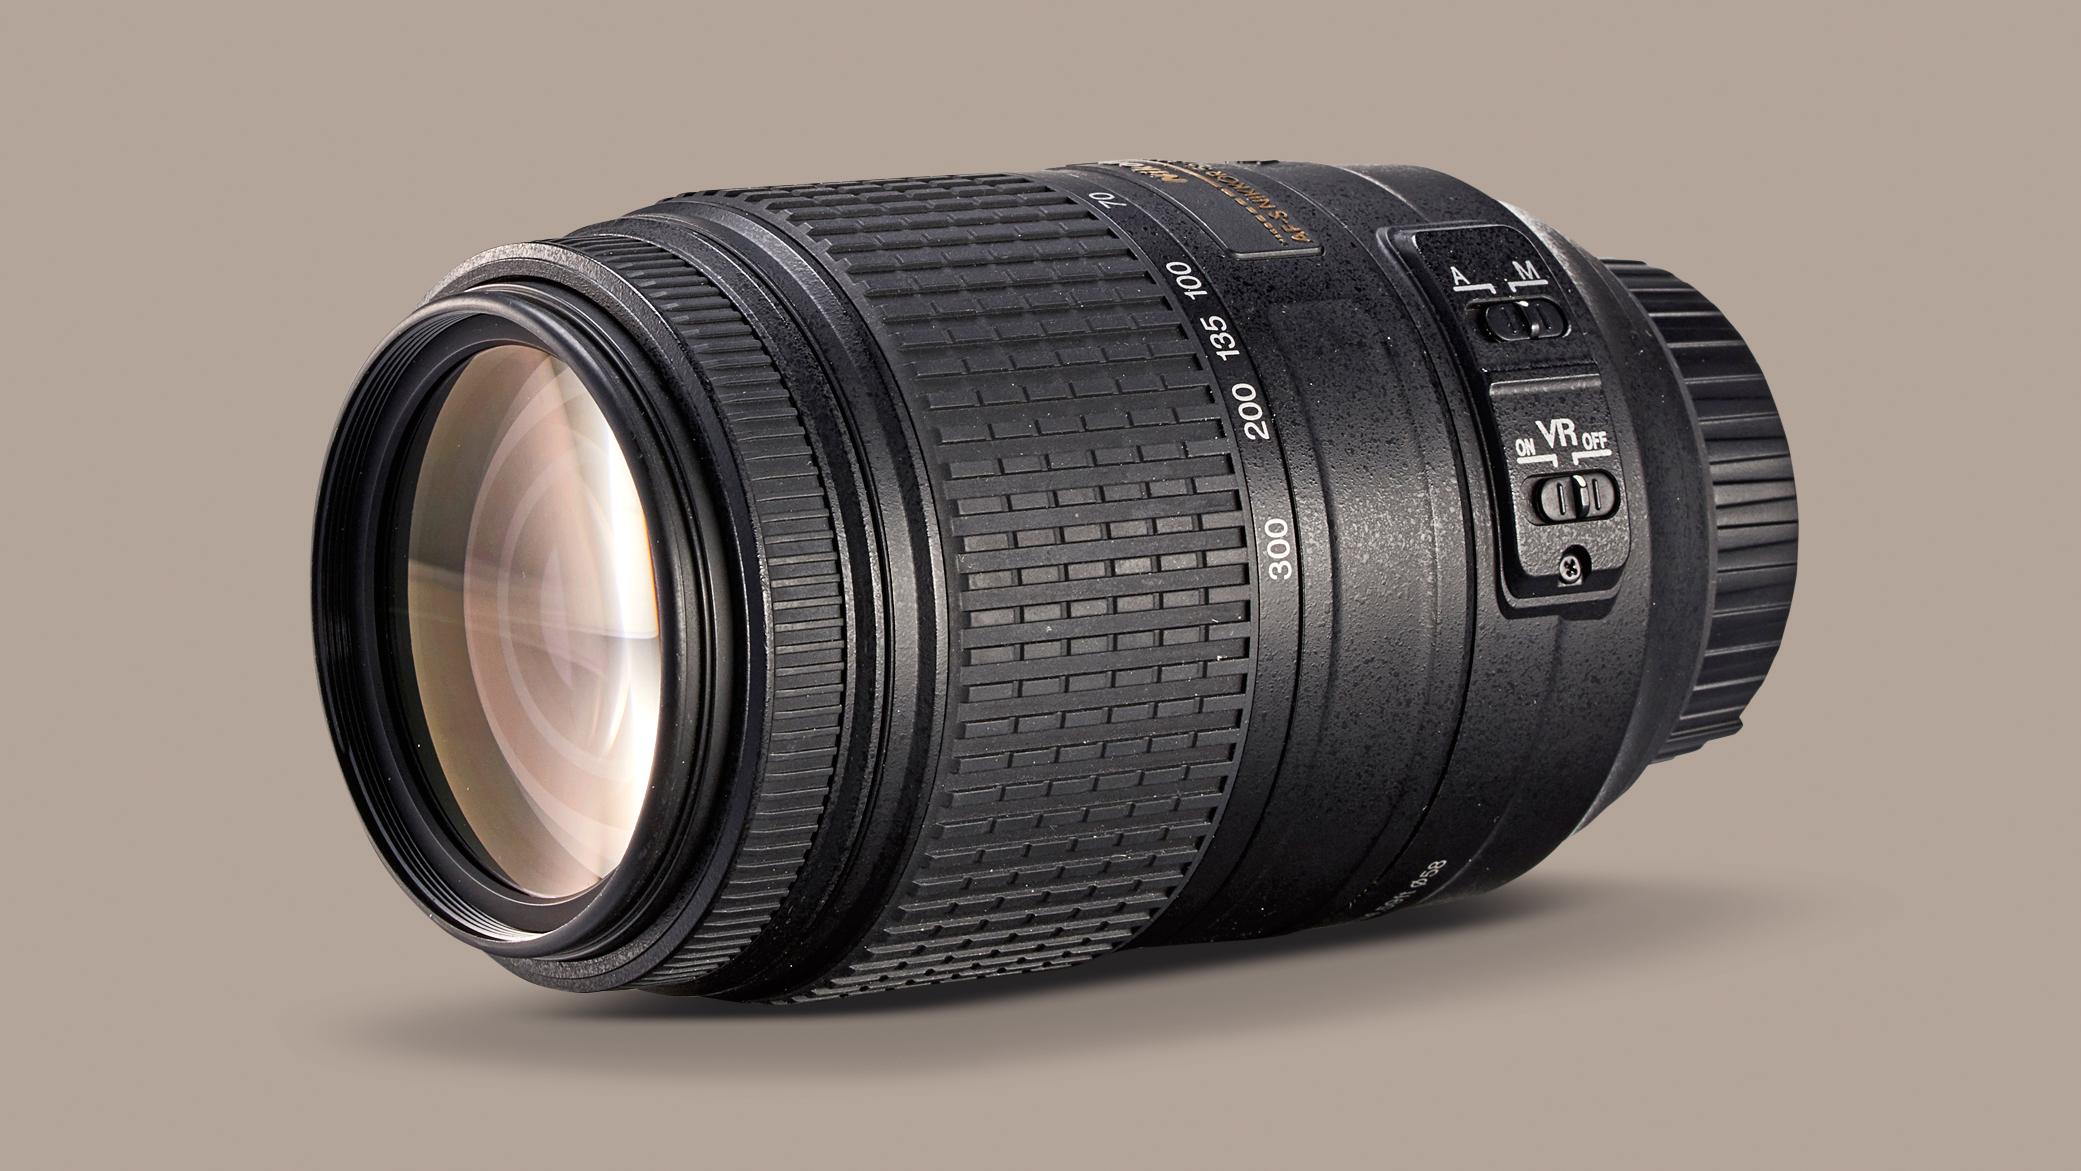 Nikon AF-S DX 55-300mm f/4.5-5.6G ED VR